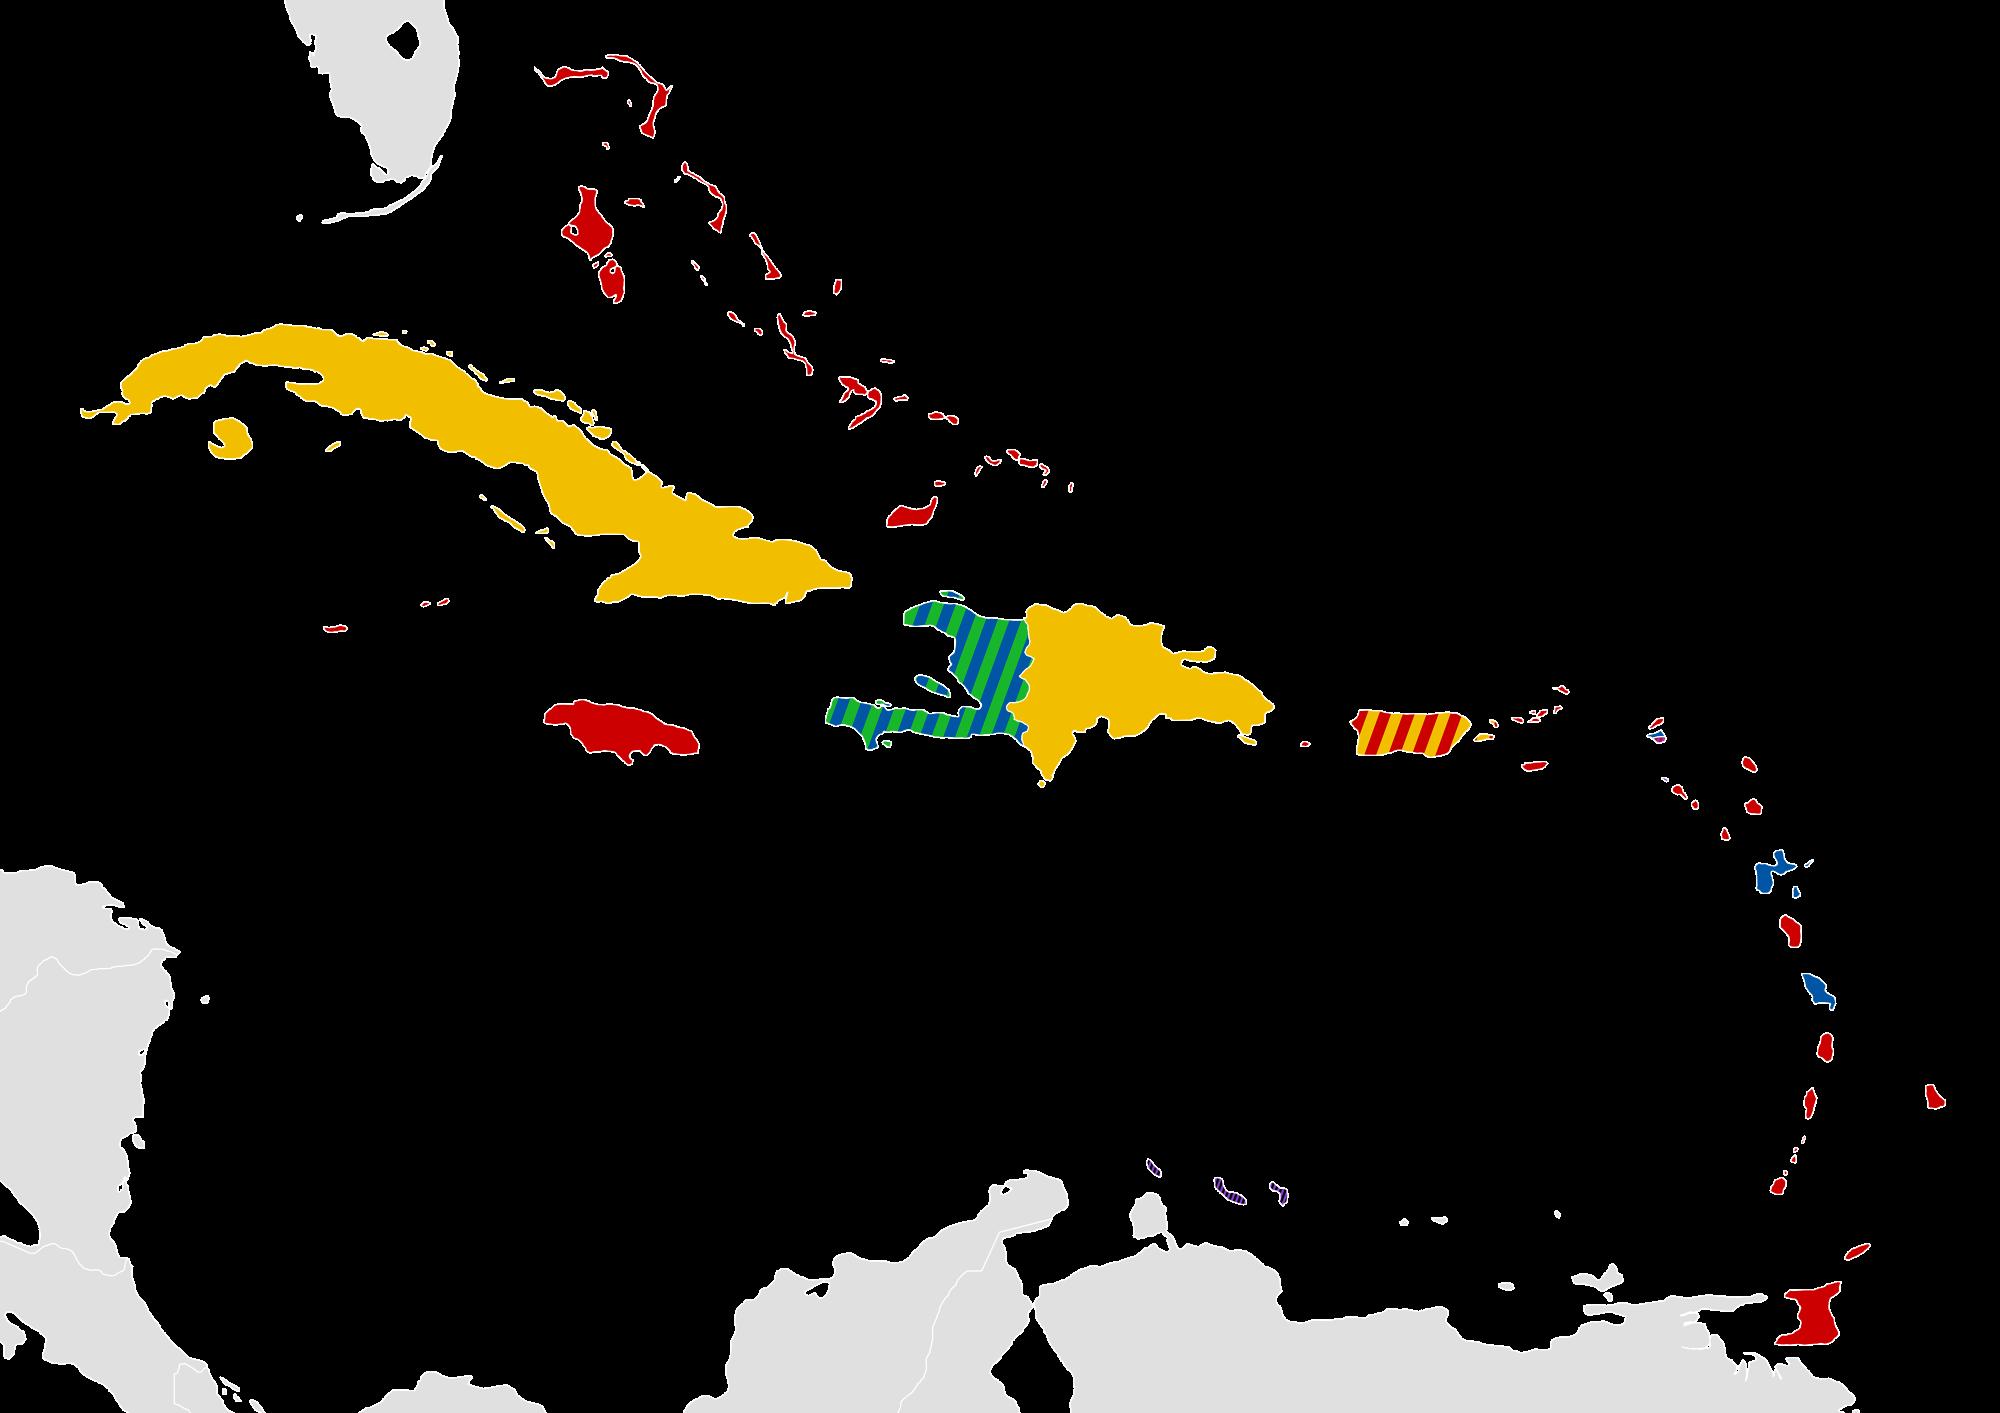 Latin Speaking Caribbean Countries